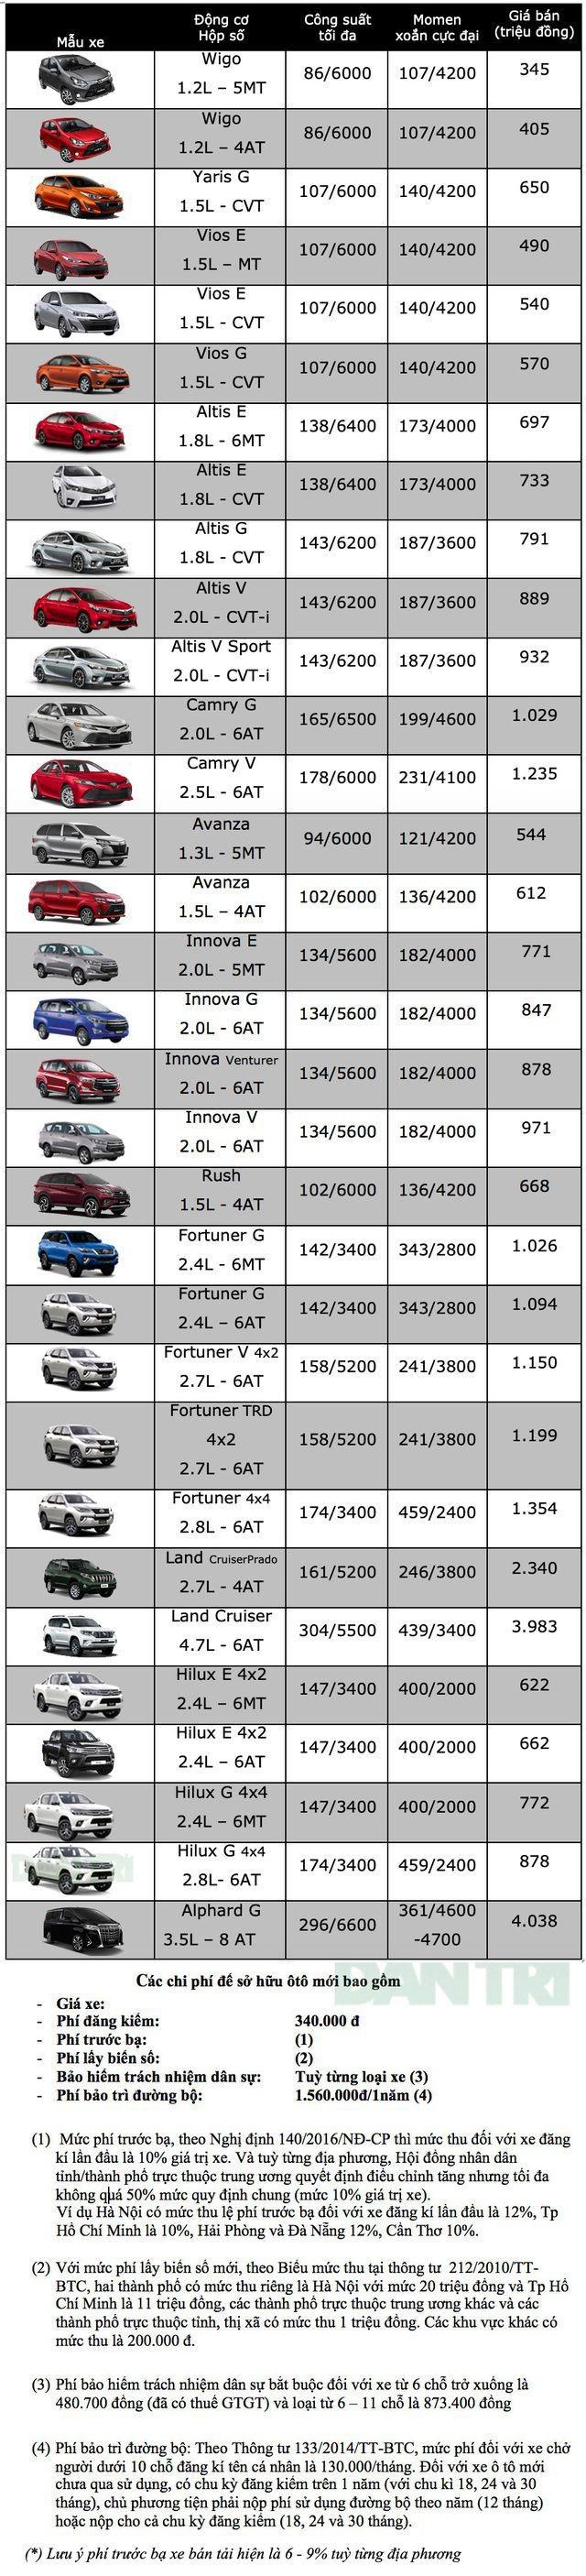 Bảng giá Toyota tháng 12/2019 - 2